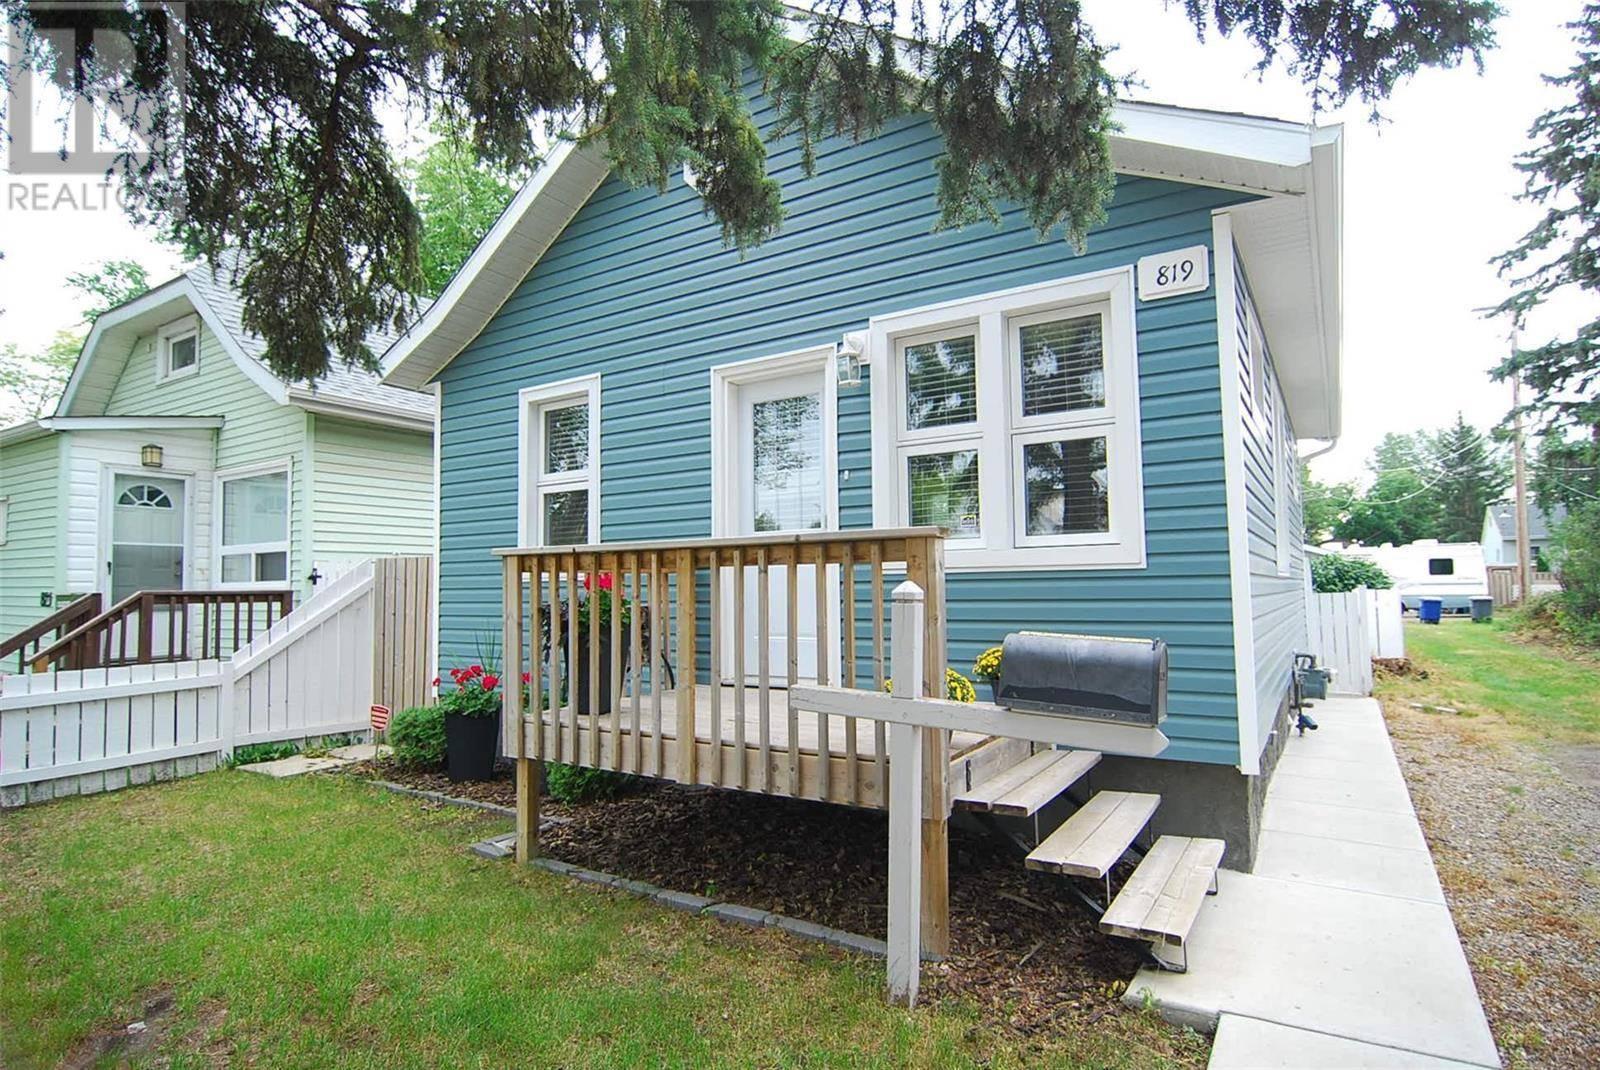 House for sale at 819 Osborne St Saskatoon Saskatchewan - MLS: SK783255